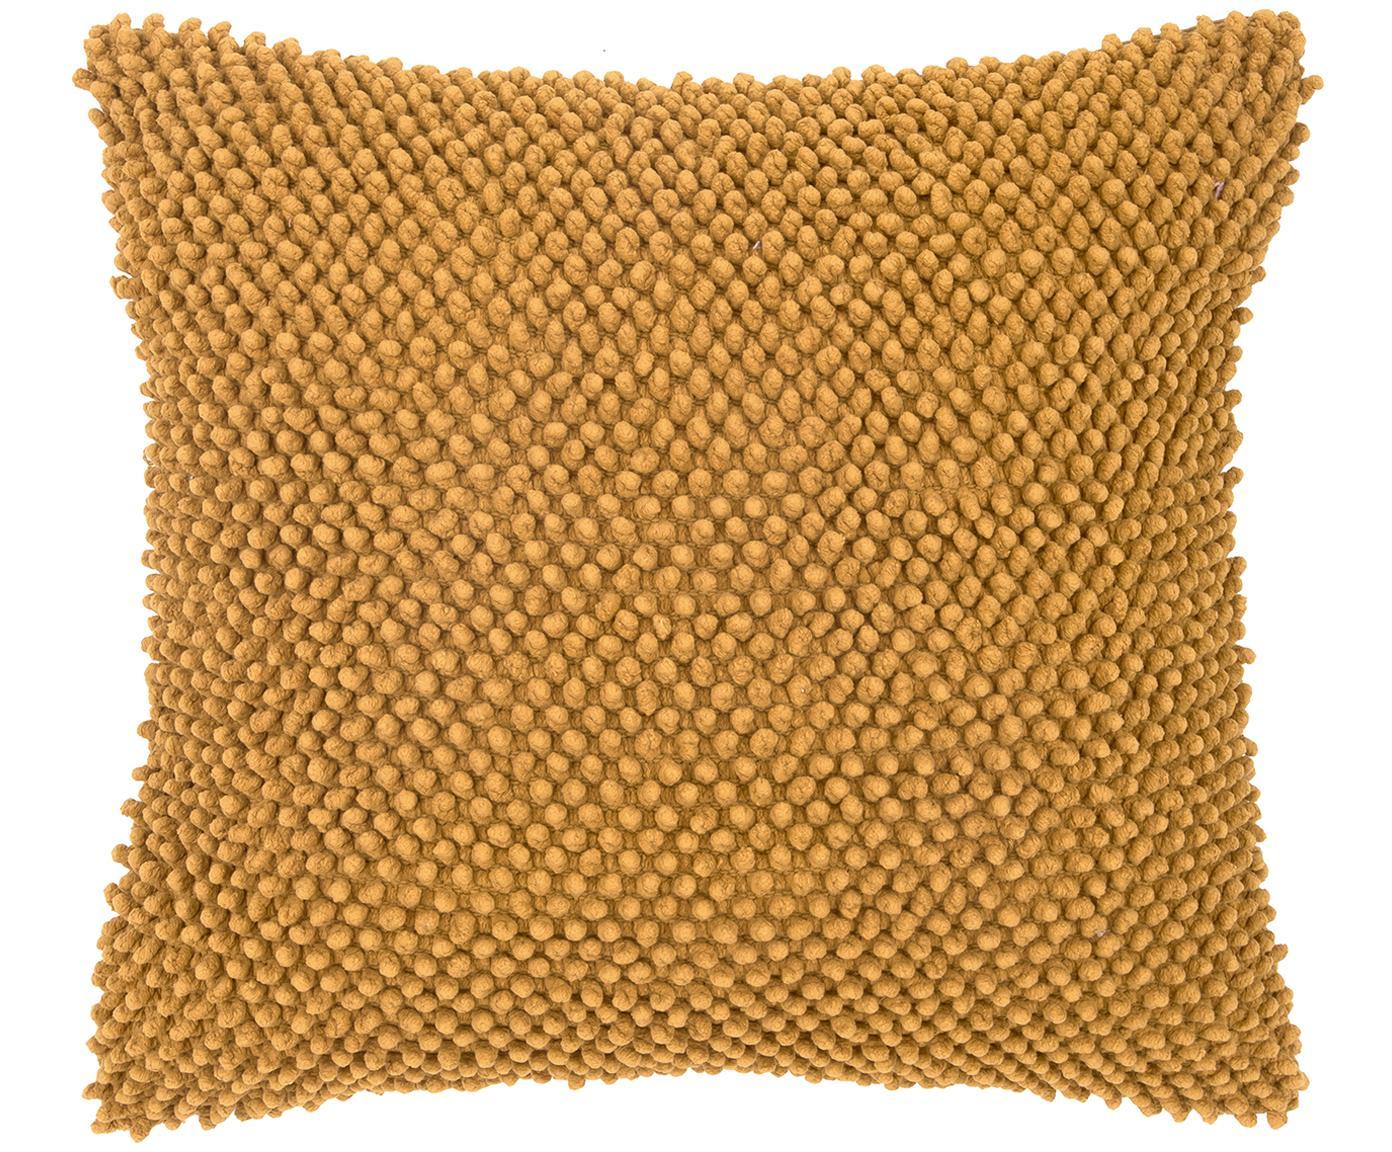 Kissenhülle Indi mit strukturierter Oberfläche, 100% Baumwolle, Gelb, 45 x 45 cm